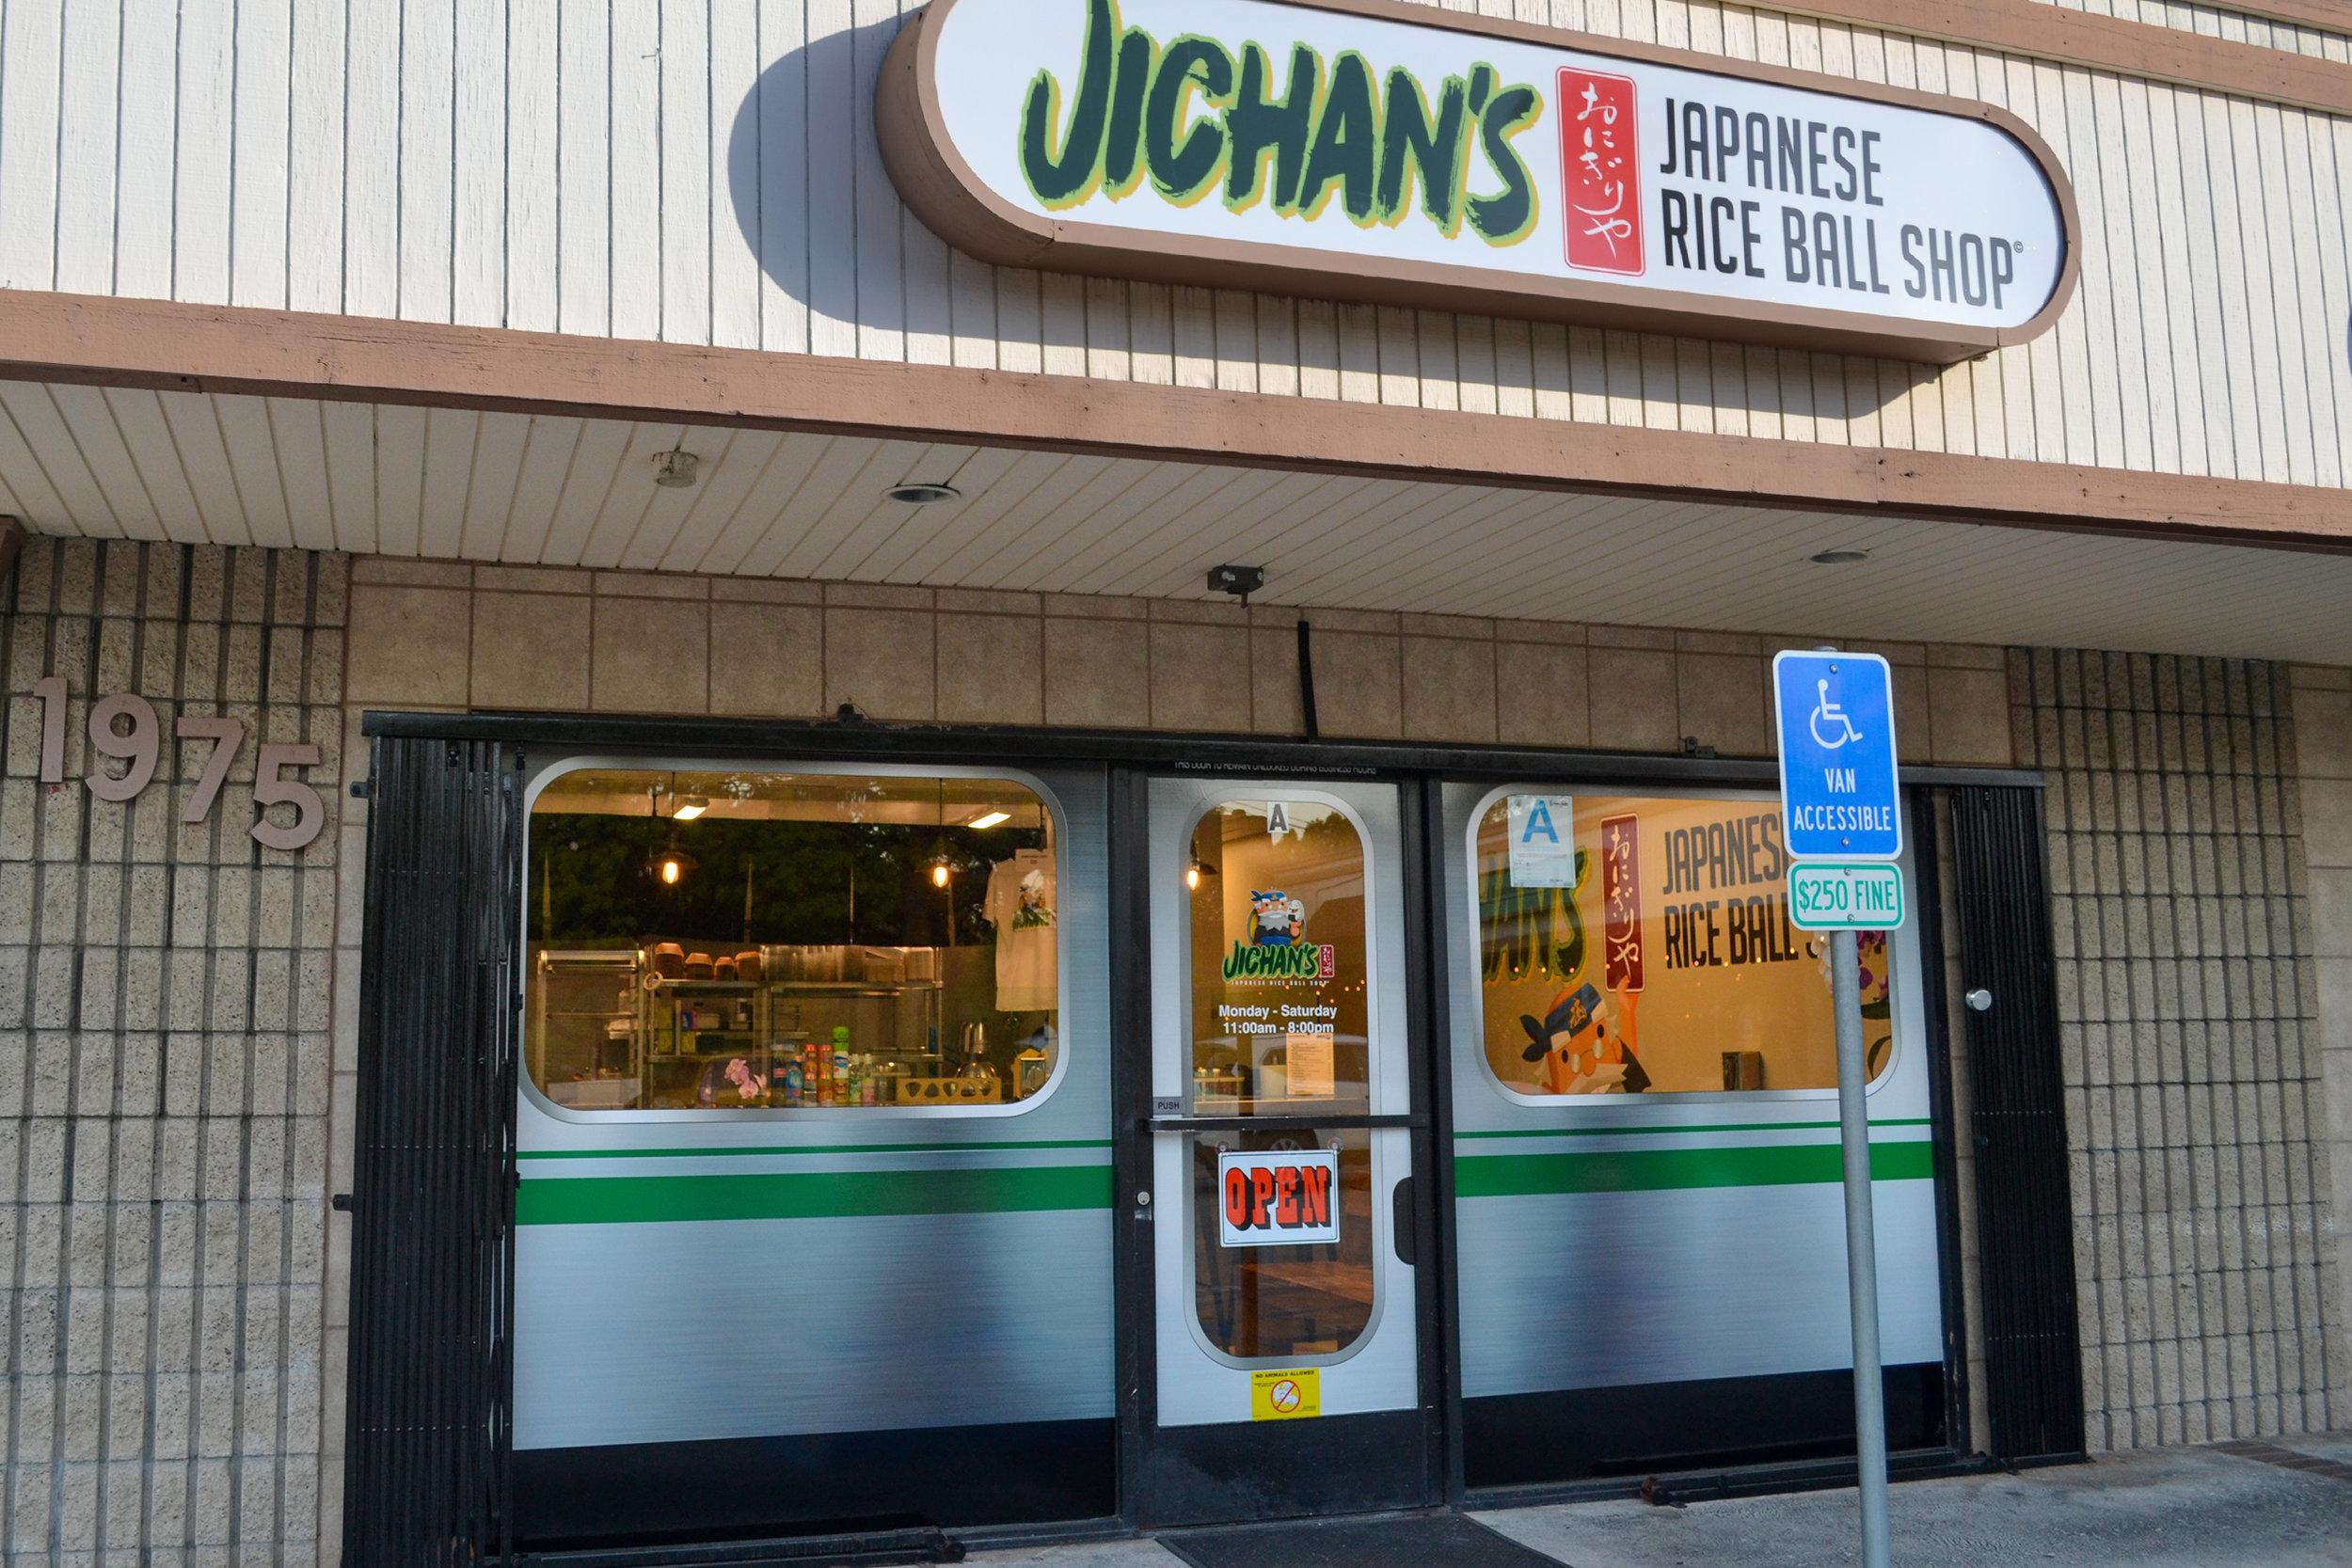 Jichans-Onigiri-ya-Restaurant-Exterior-1.jpg